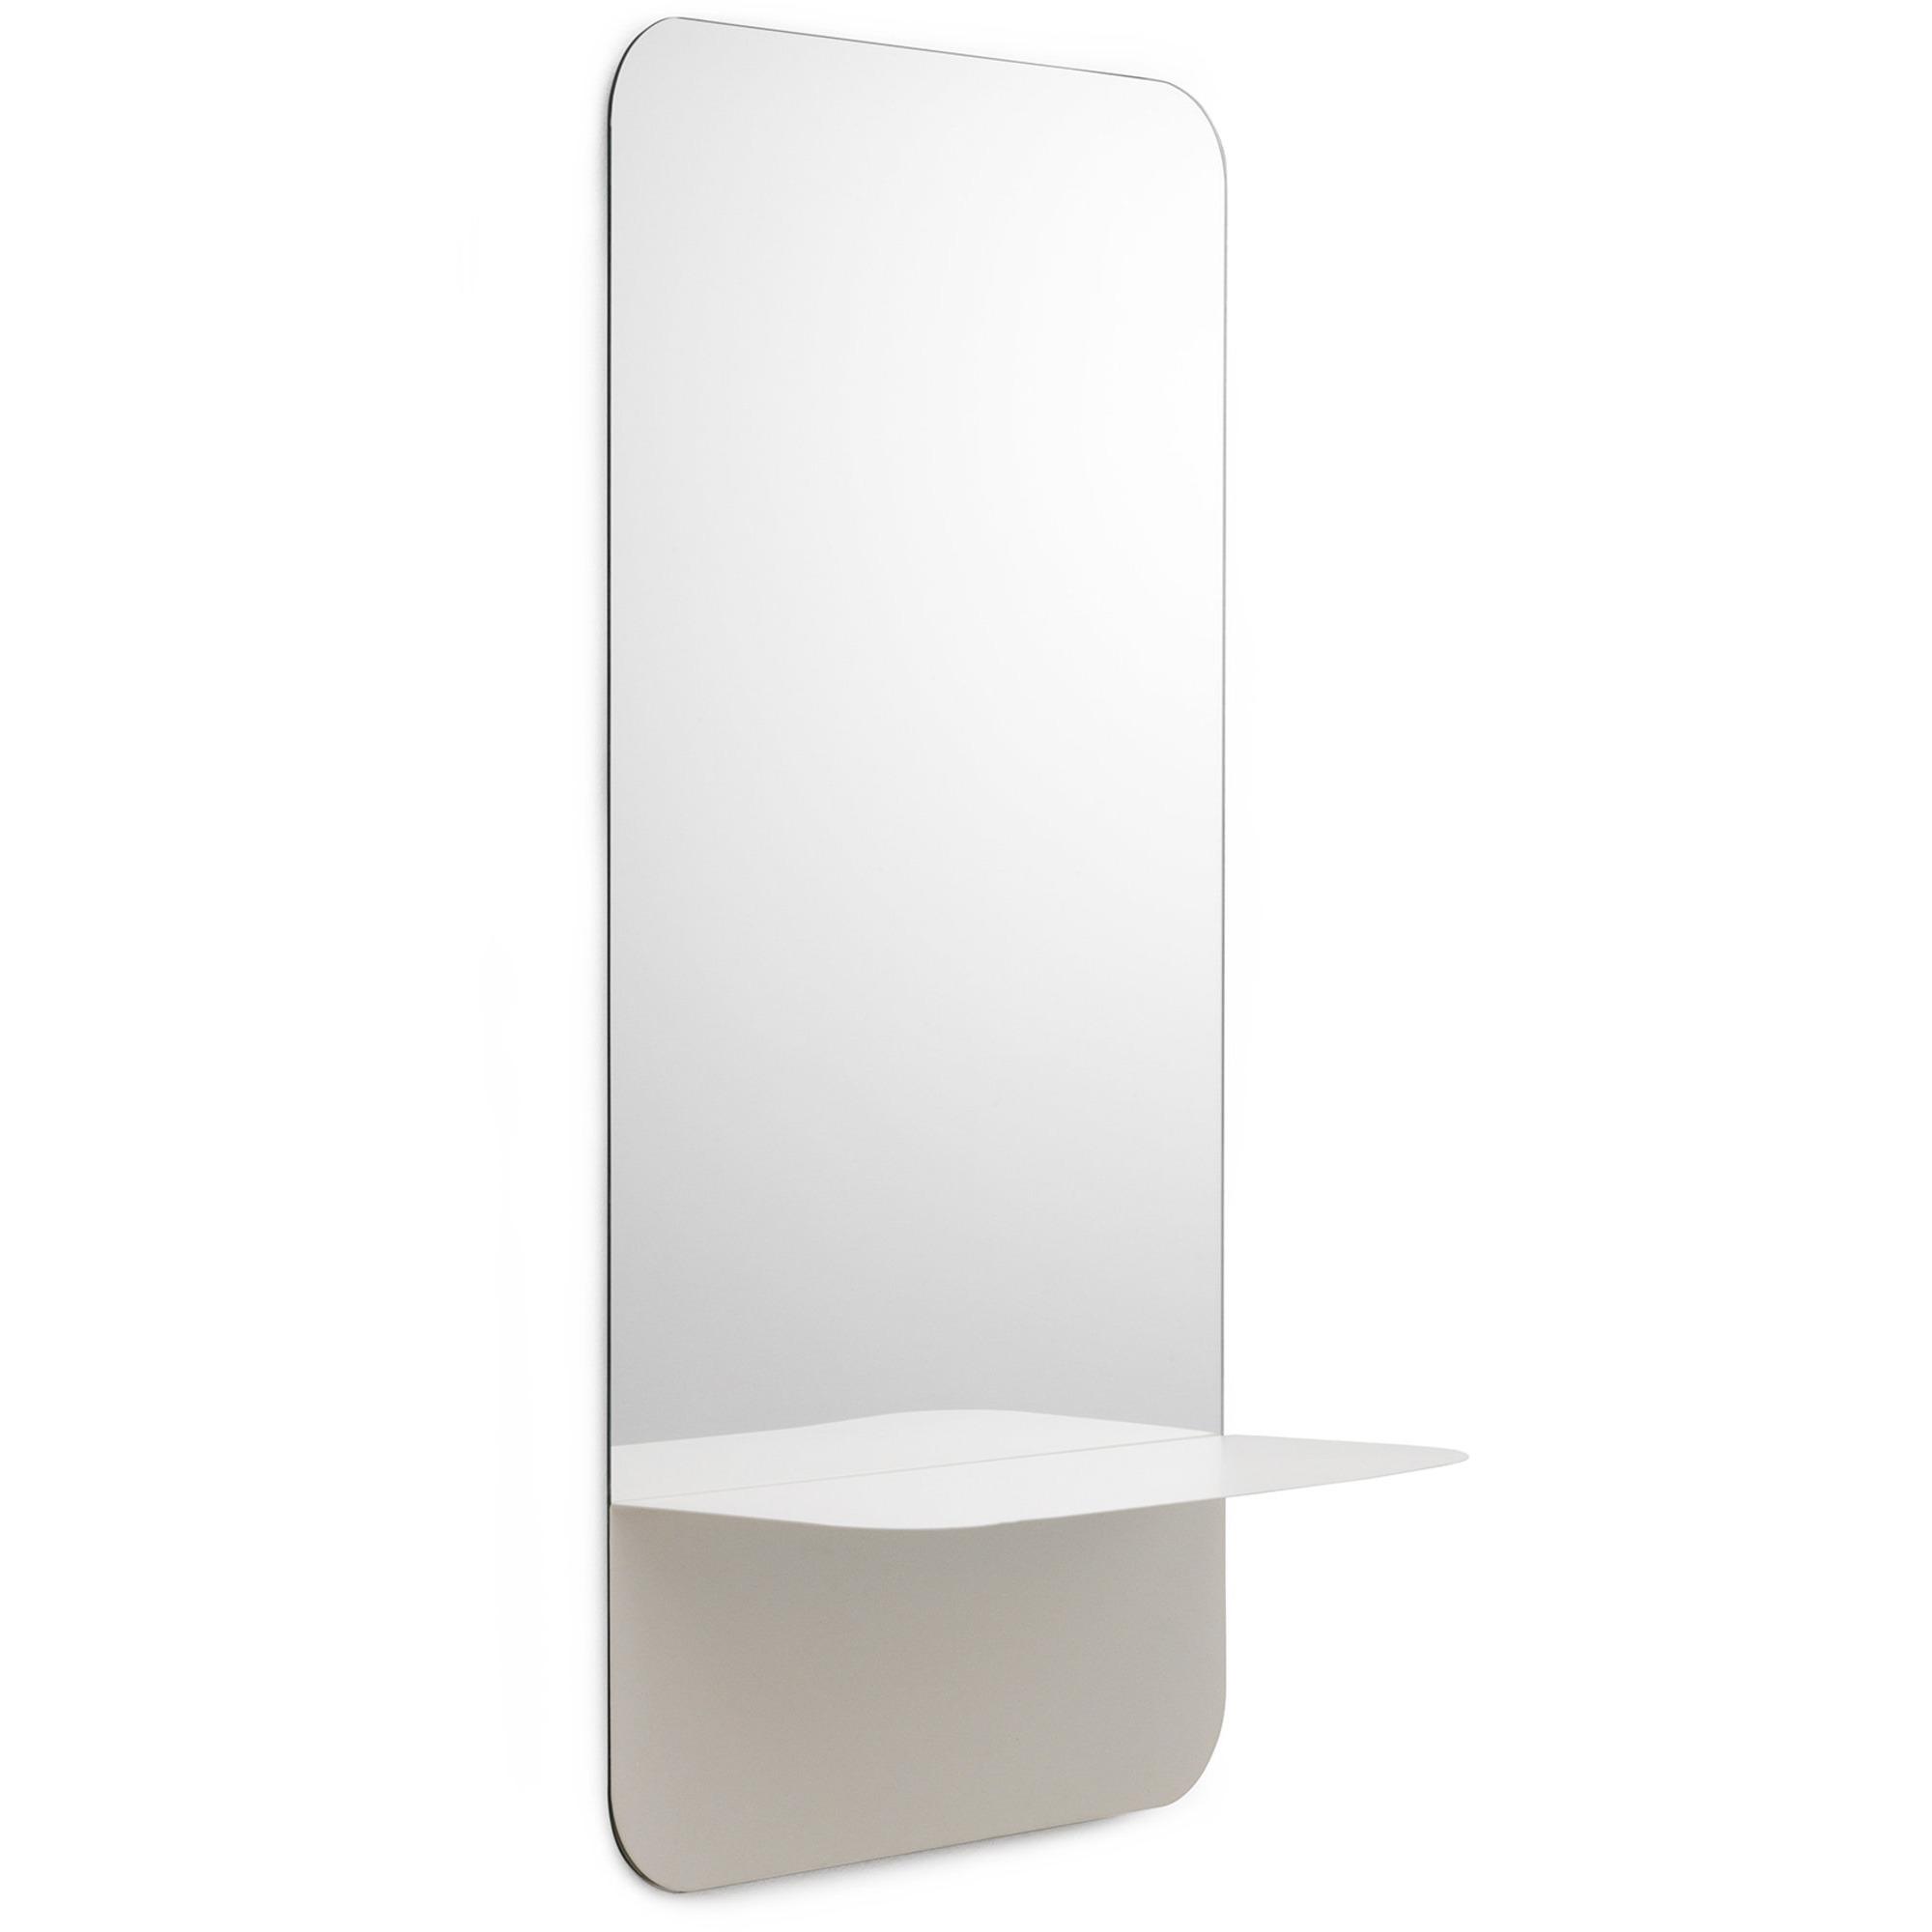 Normann Copenhagen Horizon spegel vertikal vit